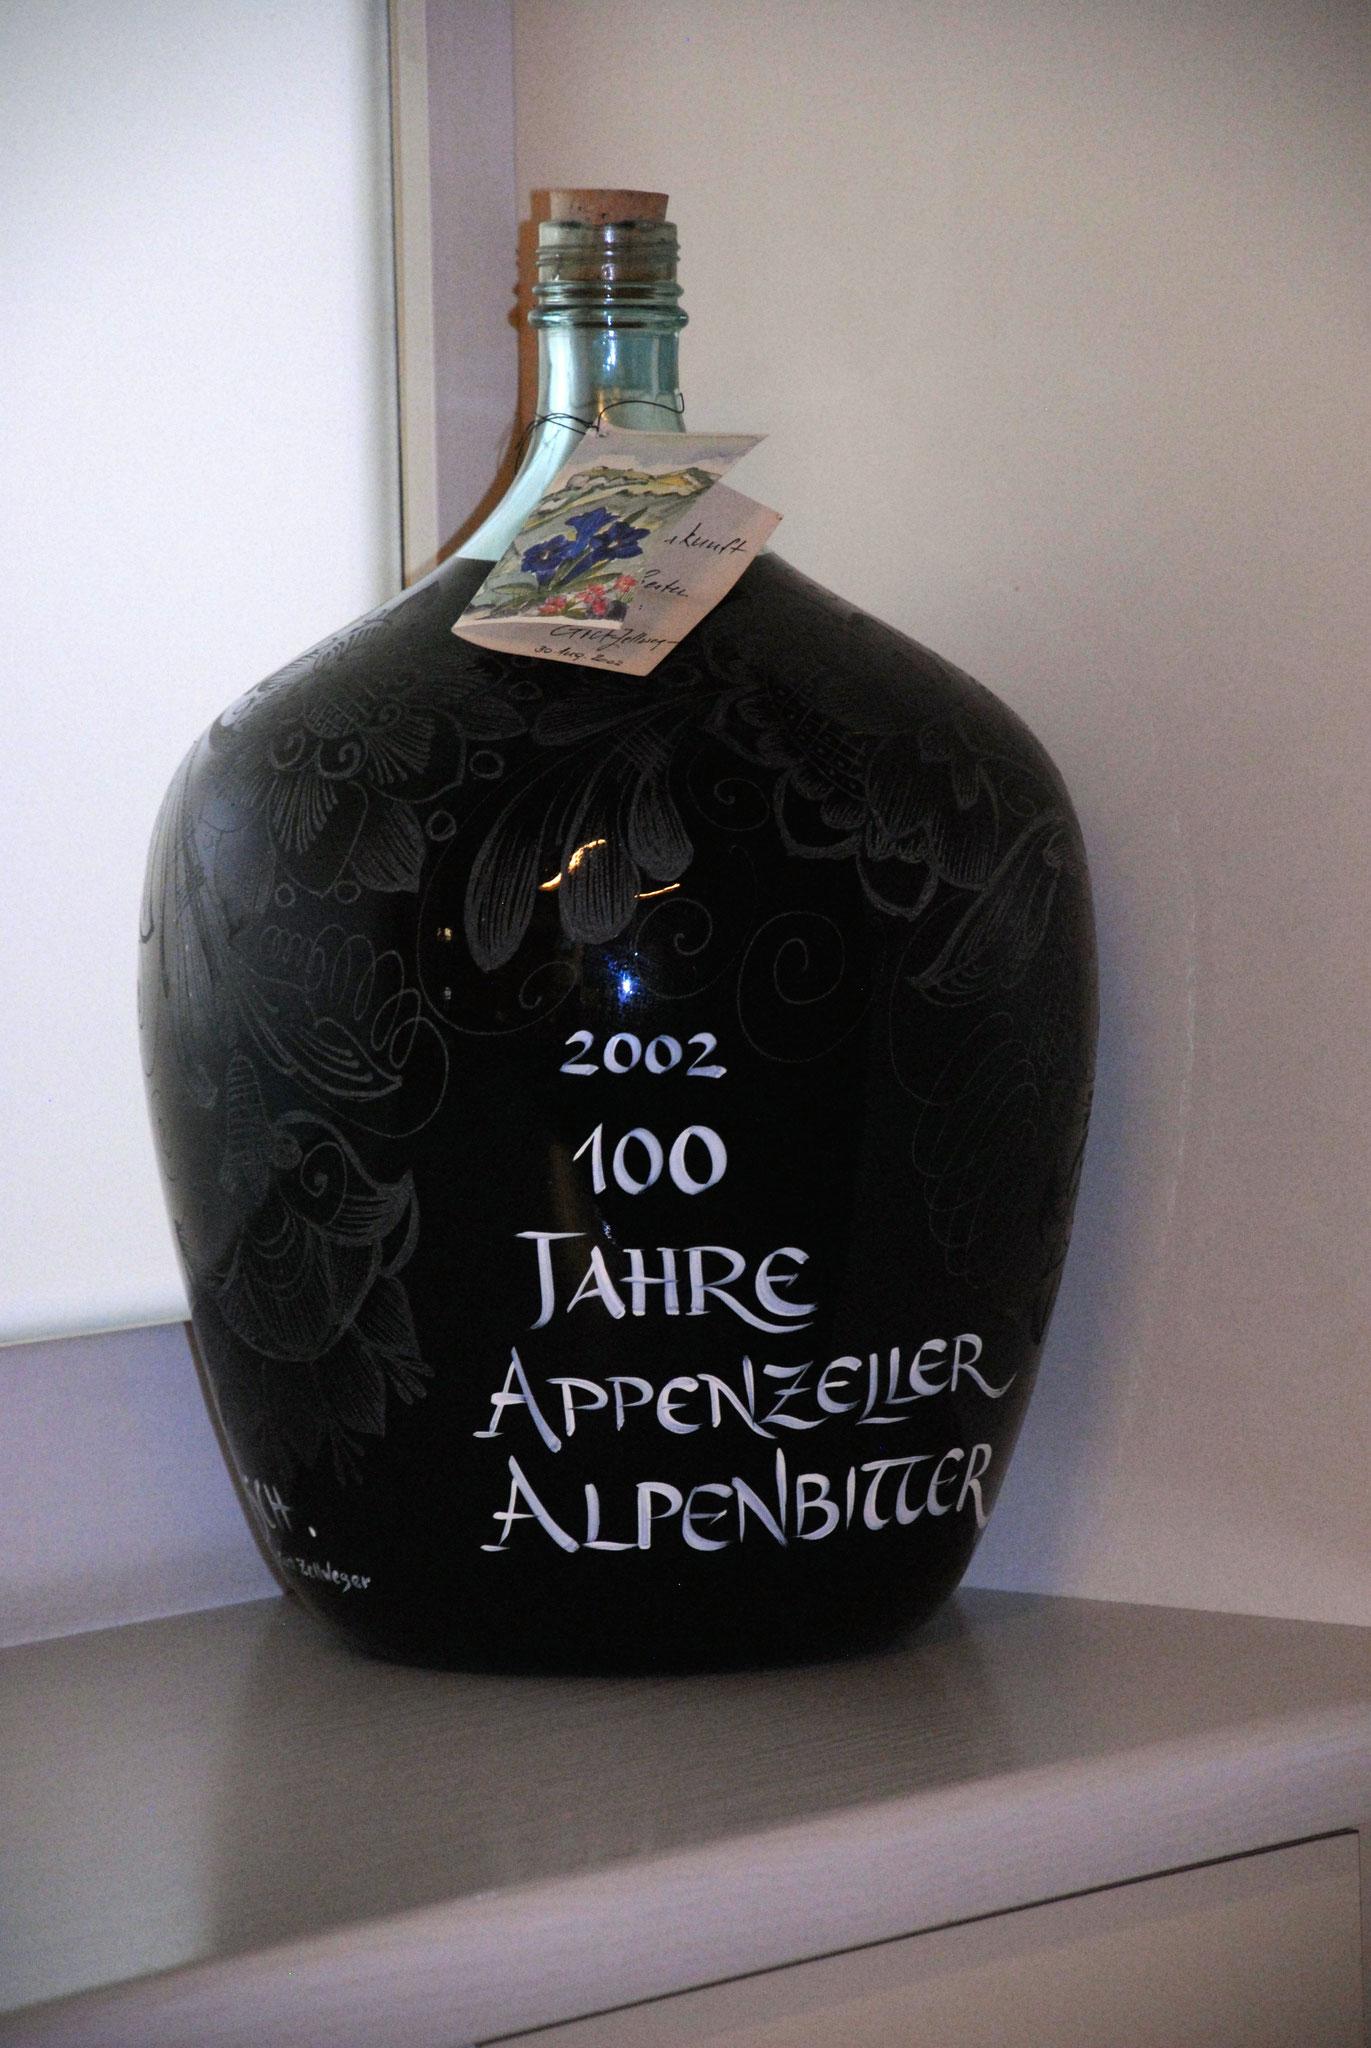 Appenzeller Alpenbitter Jubiläum